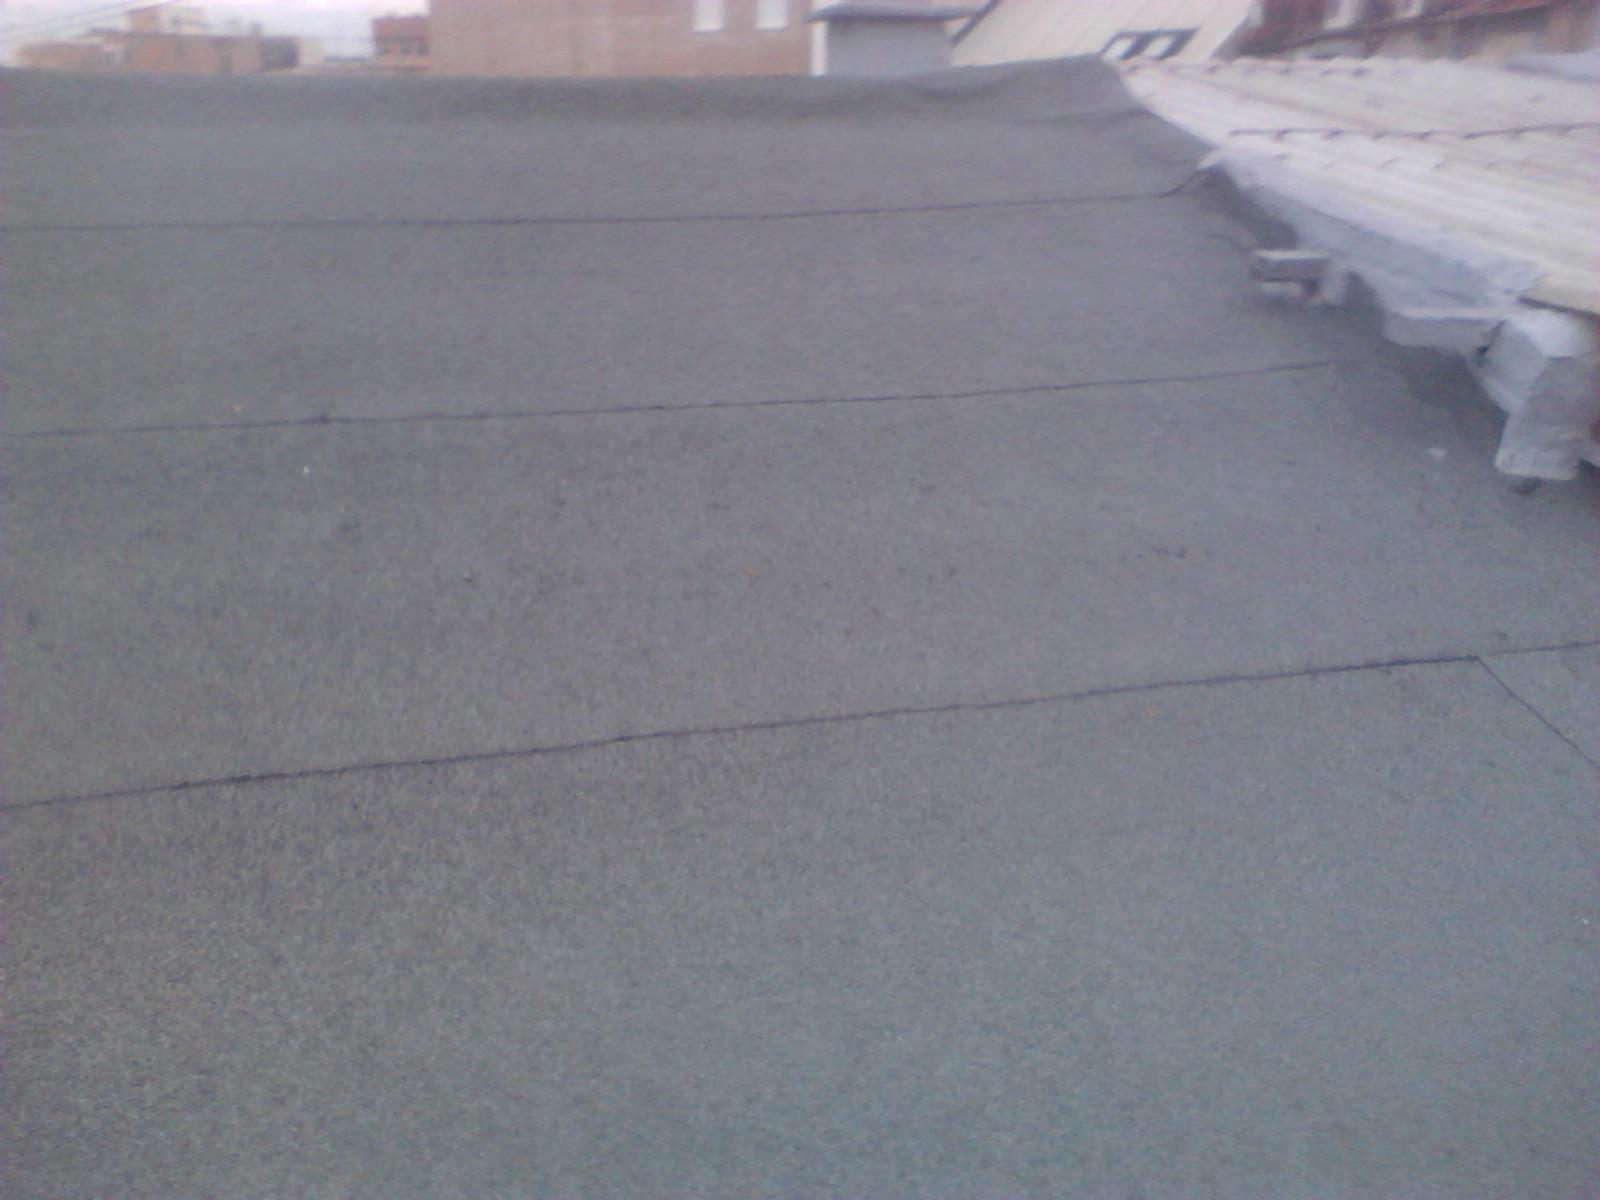 Impermeabilizaci n de tejado en valencia impersil - Impermeabilizacion de tejados ...